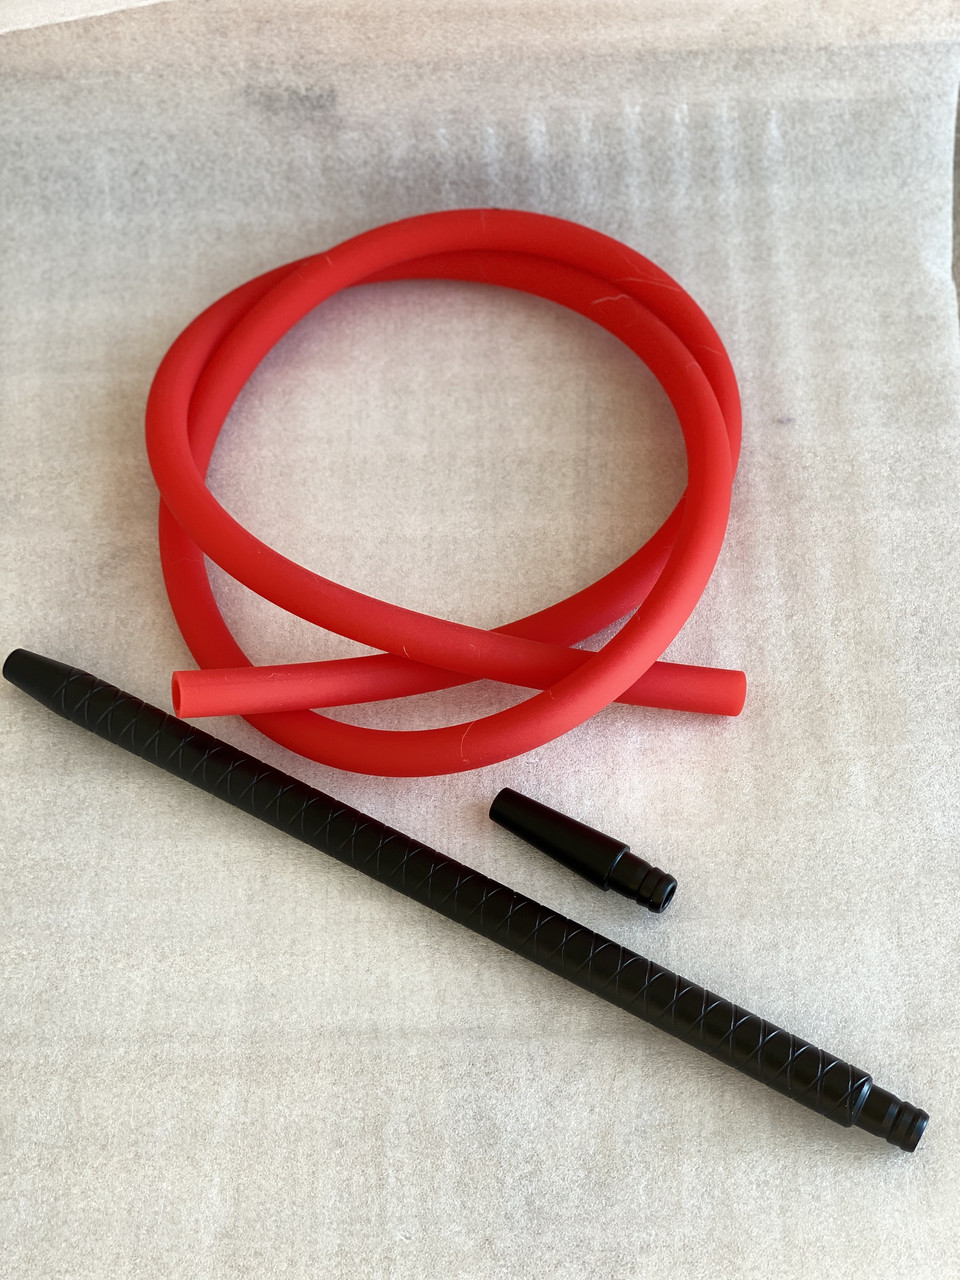 Трубка для Кальяна King | Силиконовый Шланг Soft Touch + Мундштук и коннектор | Черный мундштук+красный шланг